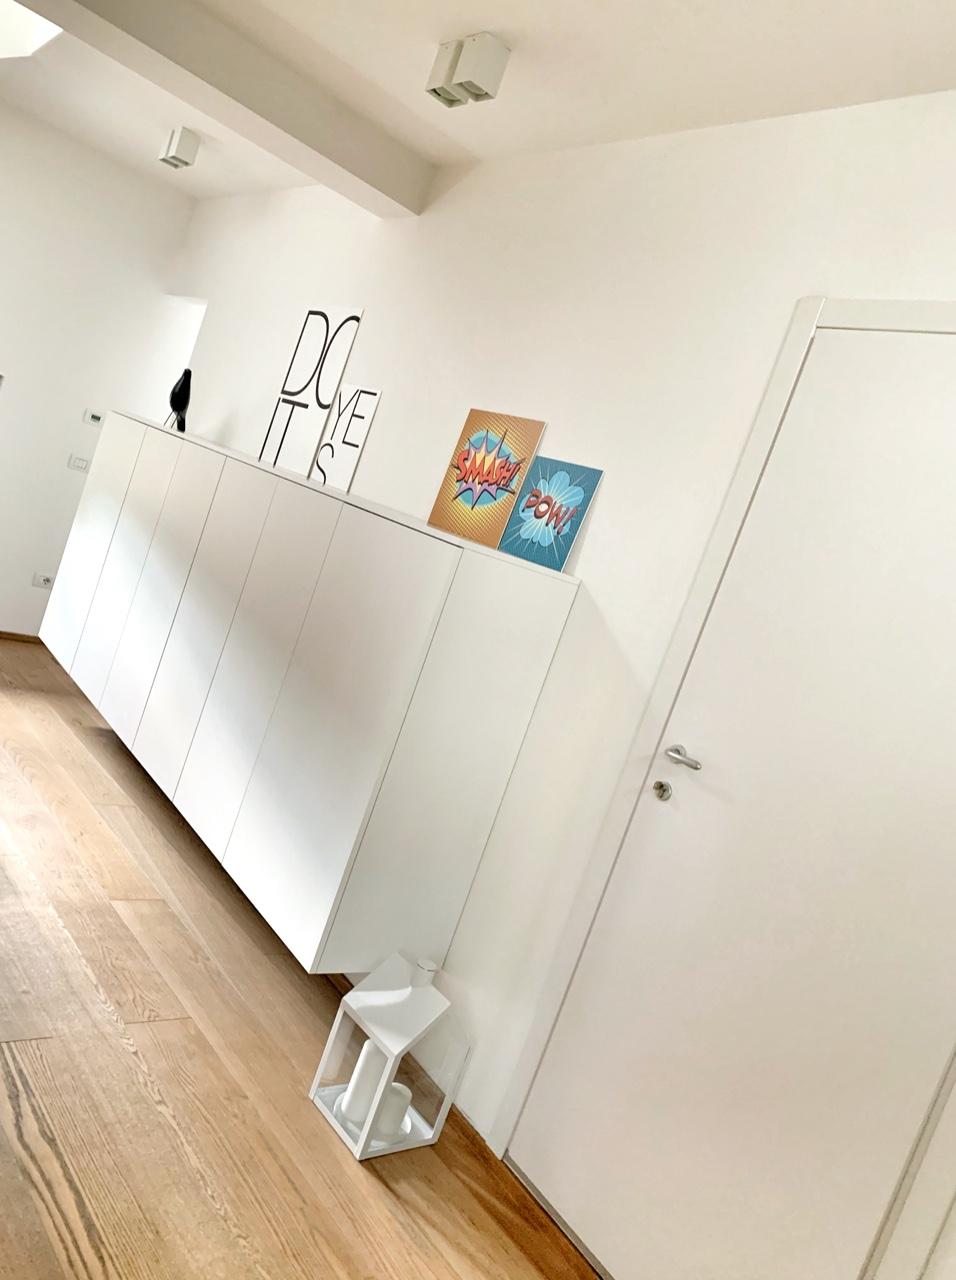 ingresso con wall art motivazionali